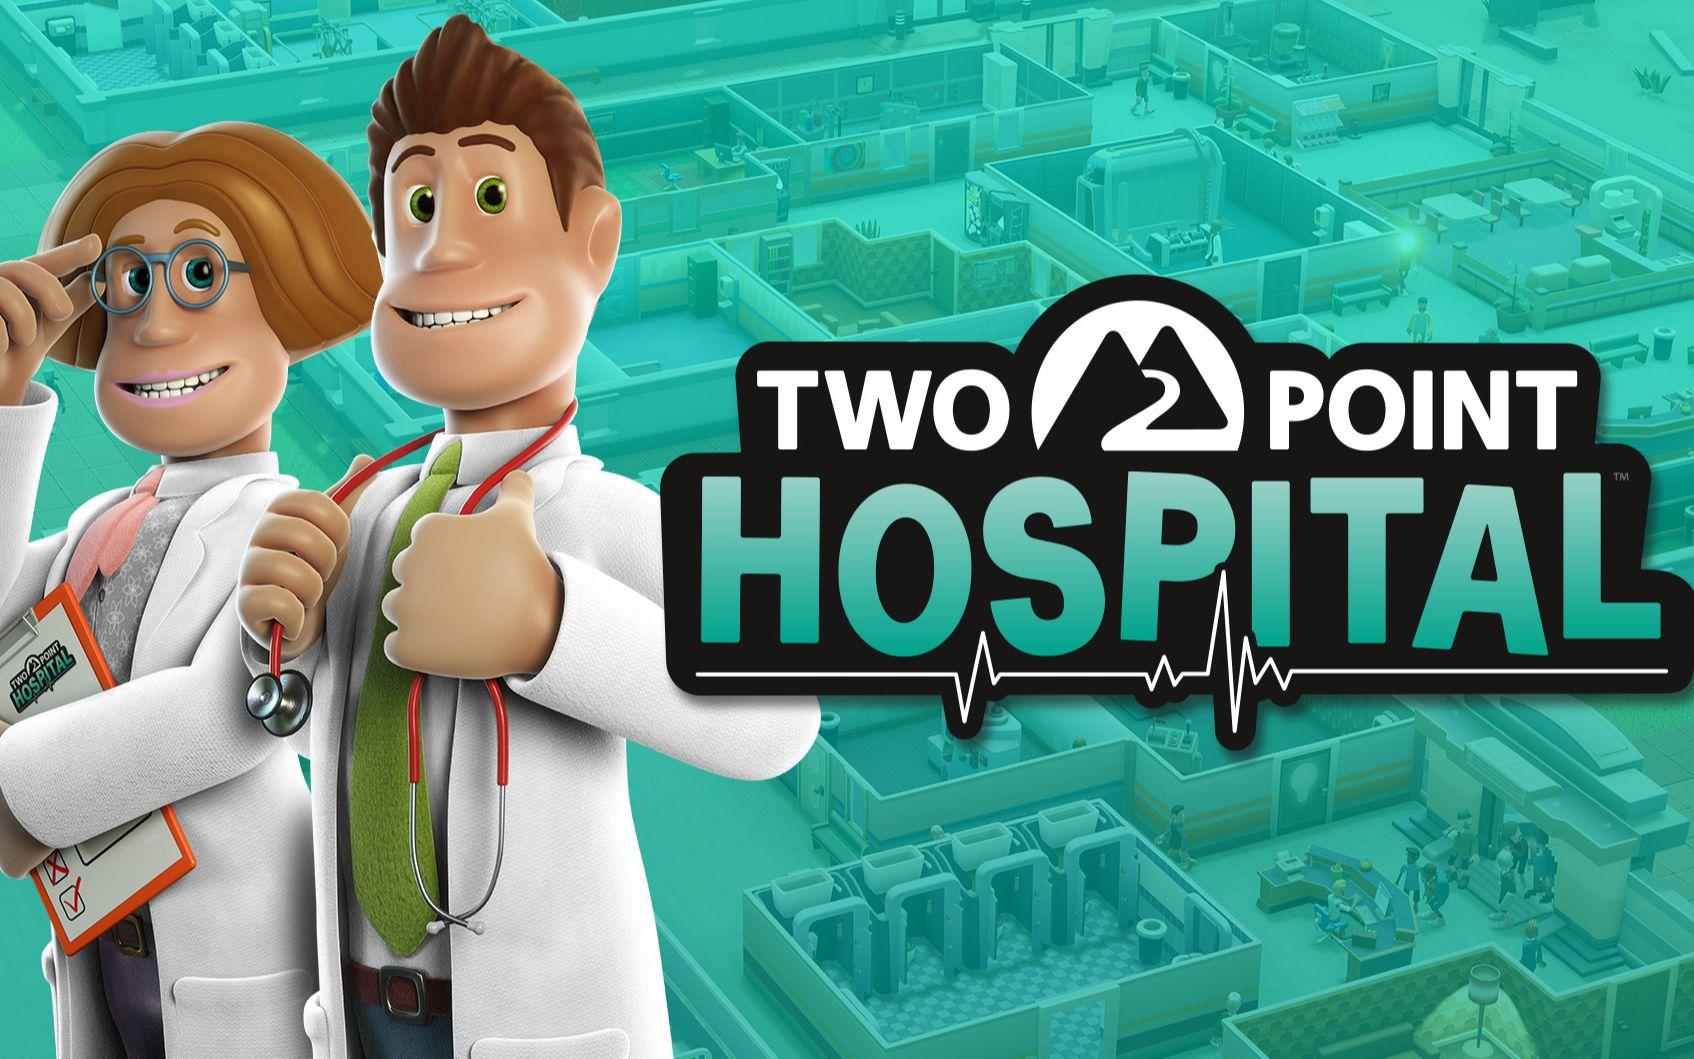 《双点医院》2月25日登上NS平台,躺在被窝里解决疑难杂症吧